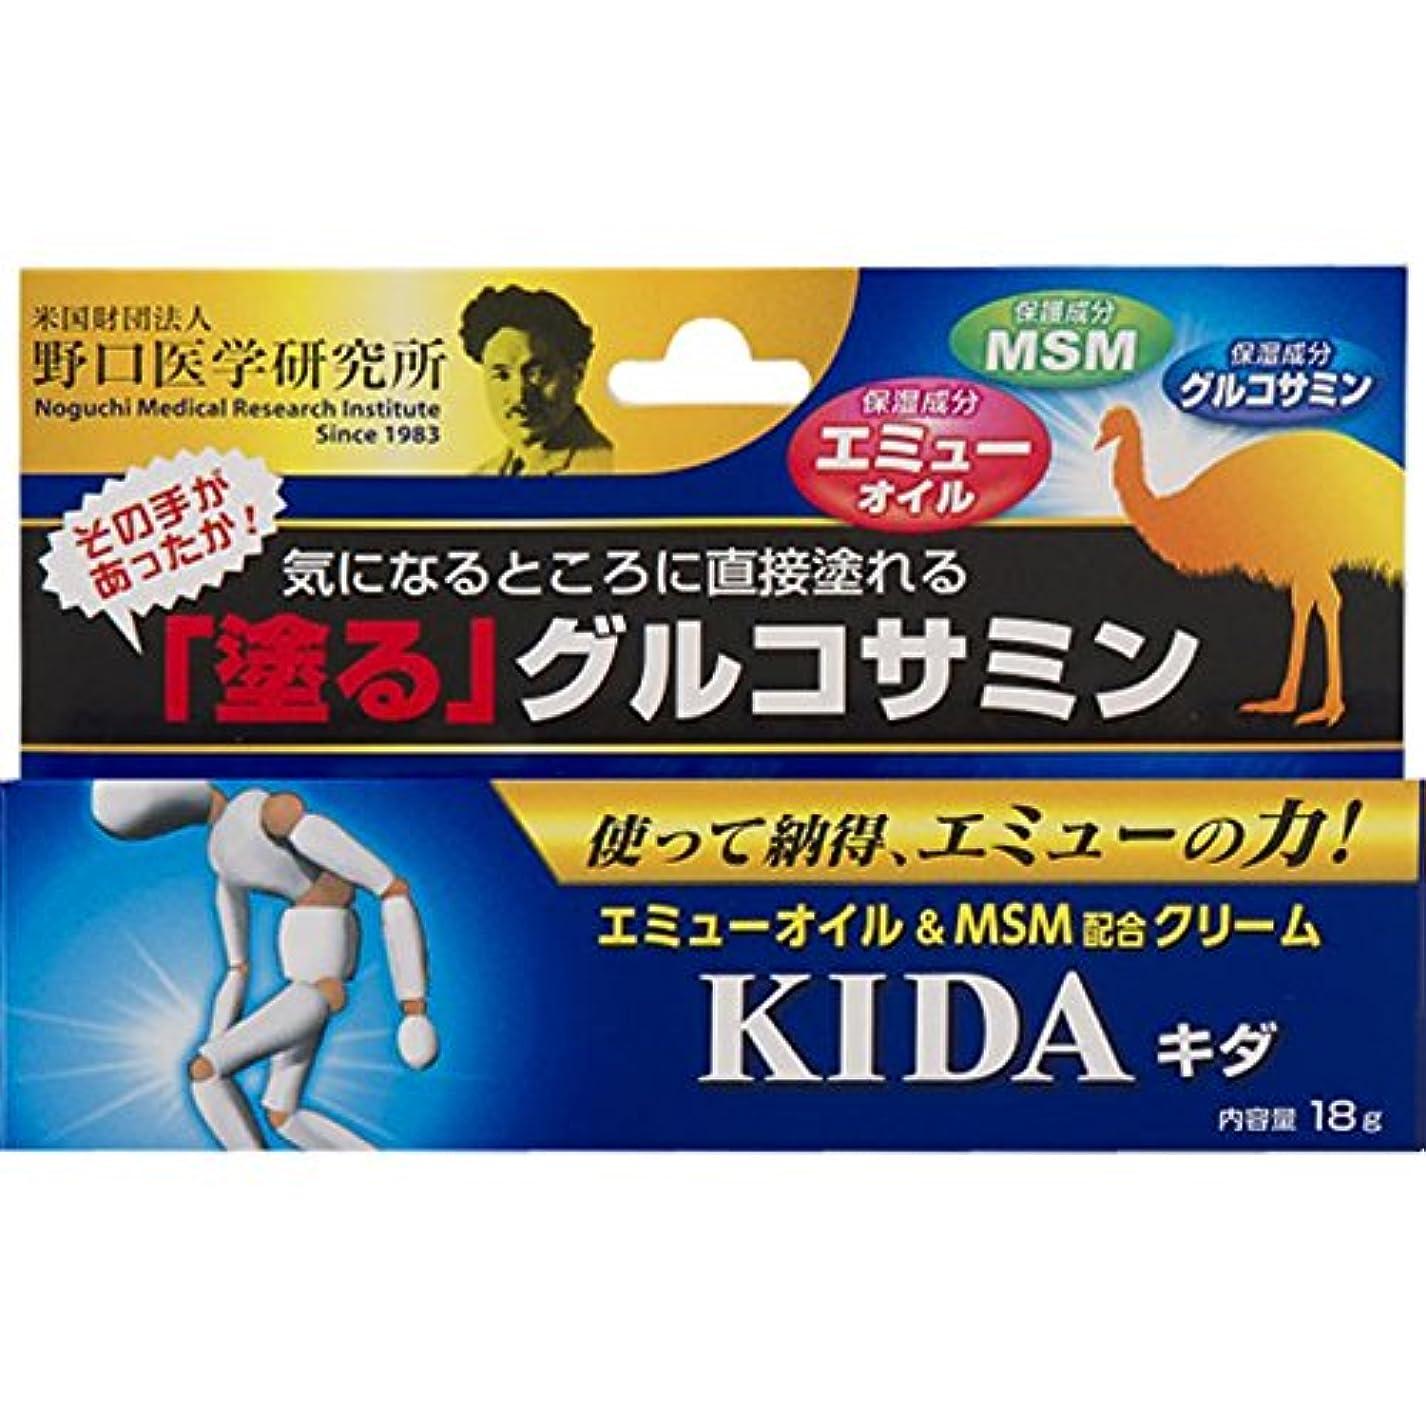 デモンストレーション既に突然キダ エミューオイル&MSM配合クリーム(18g)